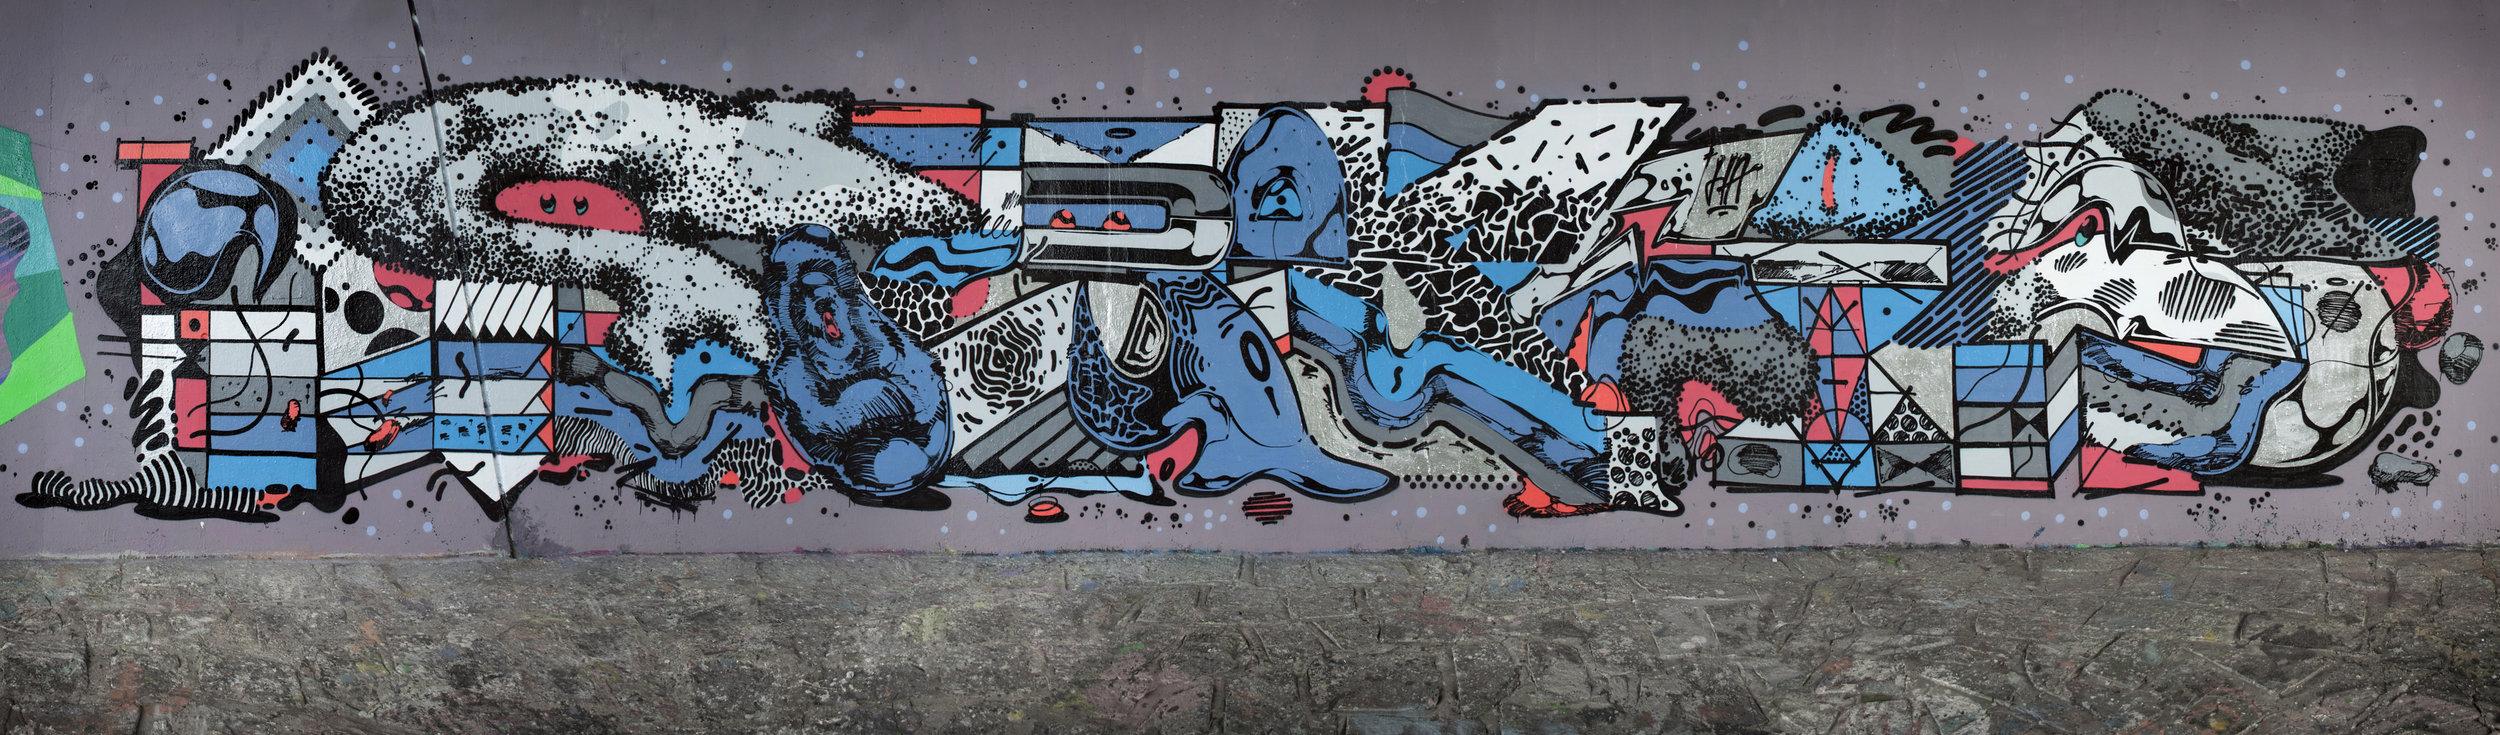 Galleri grisk, street art, graffiti, kunst, udsmykninger, galleri grisk, street art, graffiti, kunst, udsmykninger, galleri grisk, street art, graffiti, kunst, udsmykninger, graffiti kunst, aarhus galleri, facadeudsmykninger, galvkunst, kunst til vægge, kunst til virksomheder